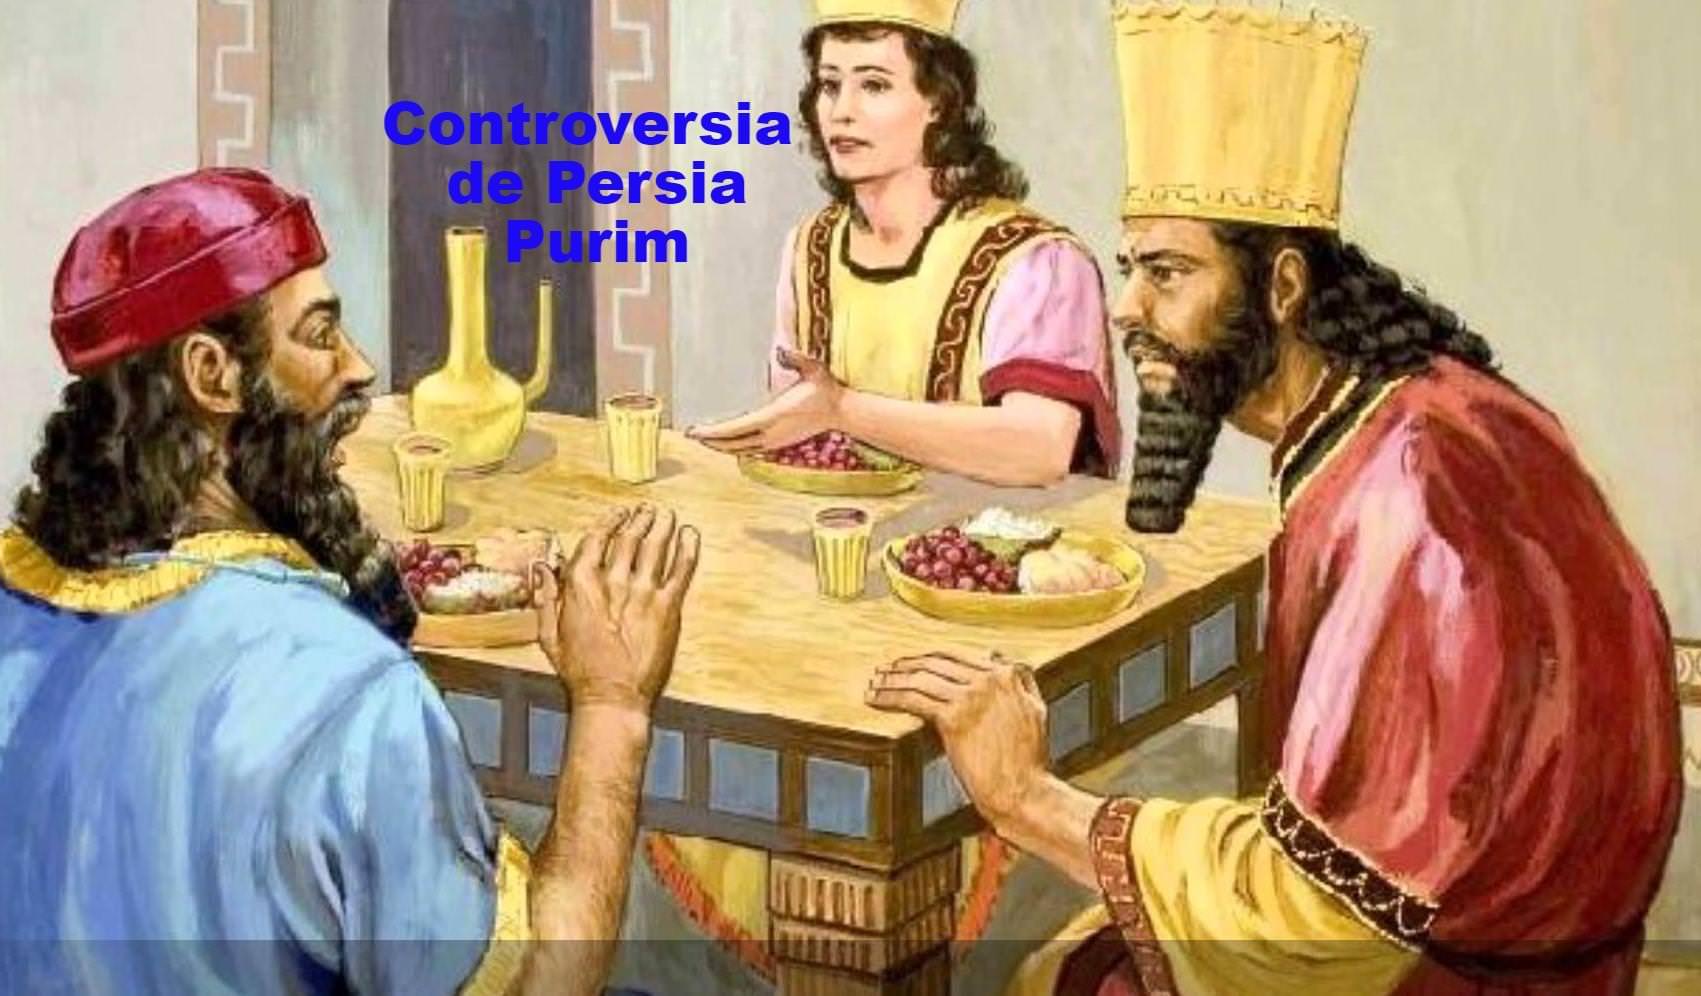 La controversia de Persia